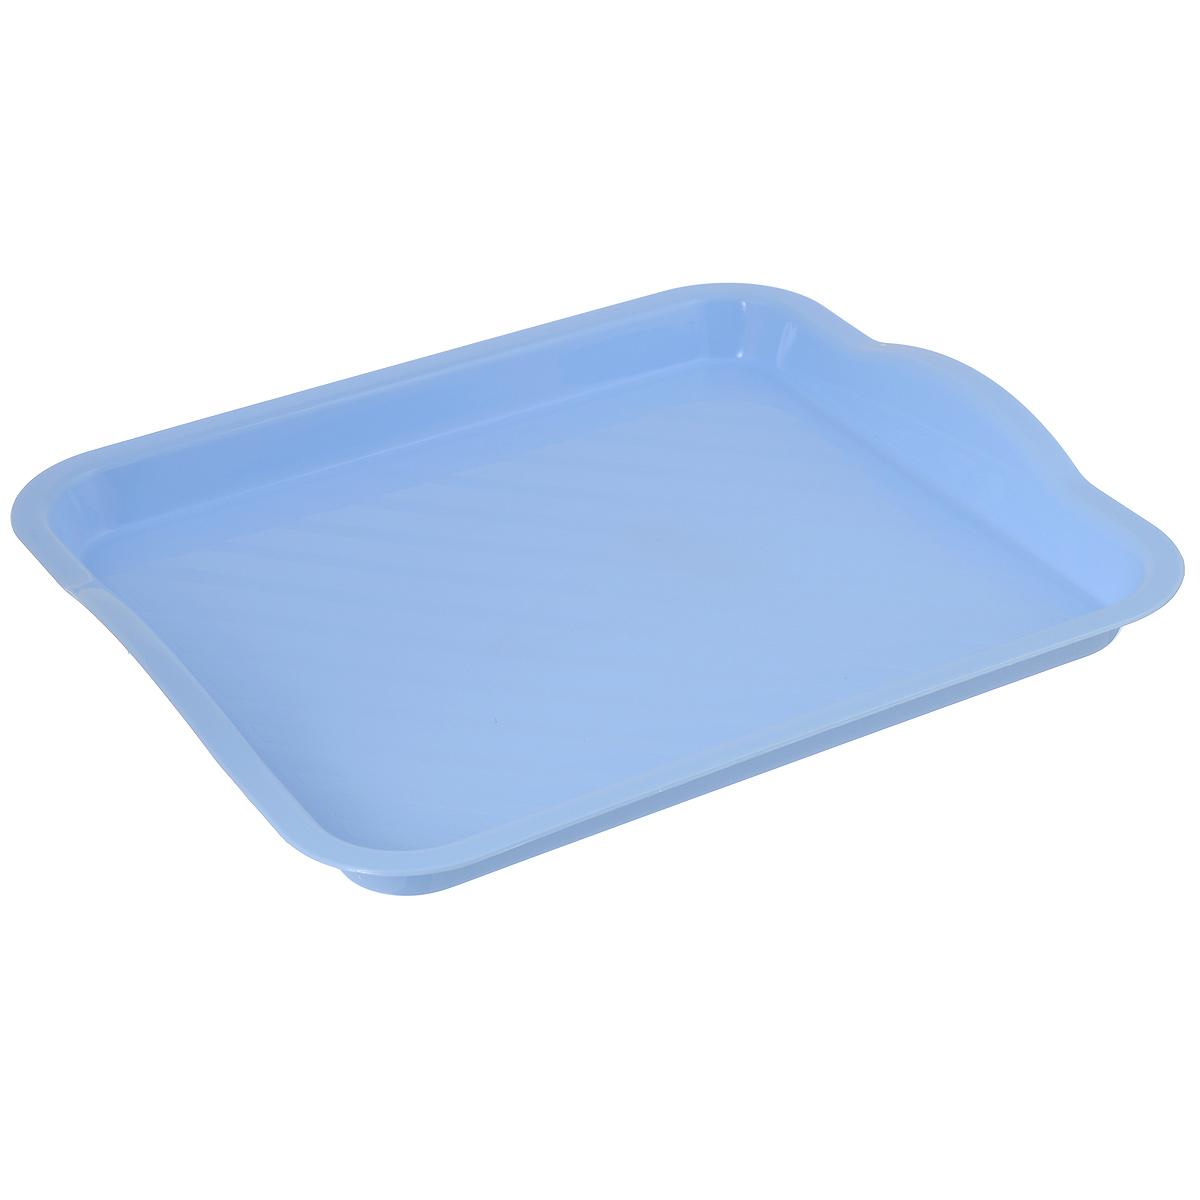 Поднос Idea, цвет: голубой, 29 см х 25 смМ 1109Поднос Idea изготовлен из высококачественного полипропилена. Он станет незаменимым предметом для сервировки стола. Поднос не только дополнит интерьер вашей кухни, но и защитит поверхность стола от грязи и перегрева. Классический поднос Idea придется по вкусу и ценителям классики, и тем, кто предпочитает современный стиль.